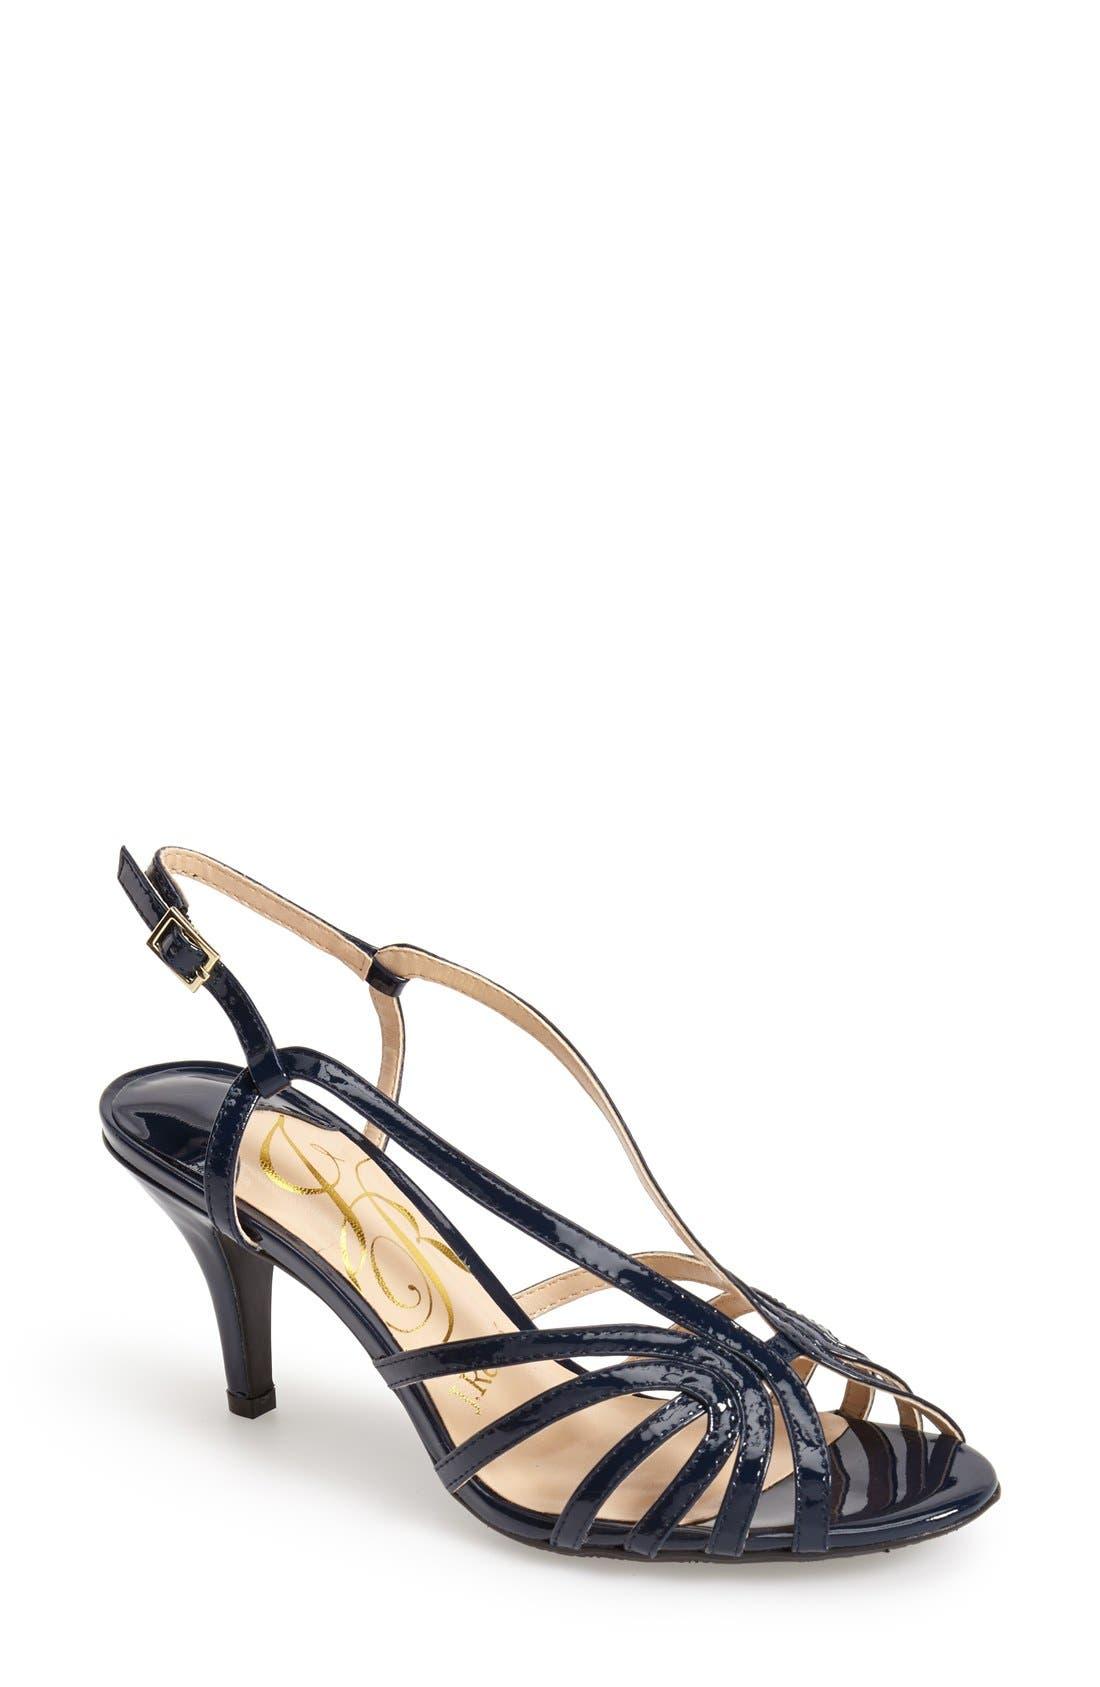 Alternate Image 1 Selected - J. Reneé 'Evra' Sandal